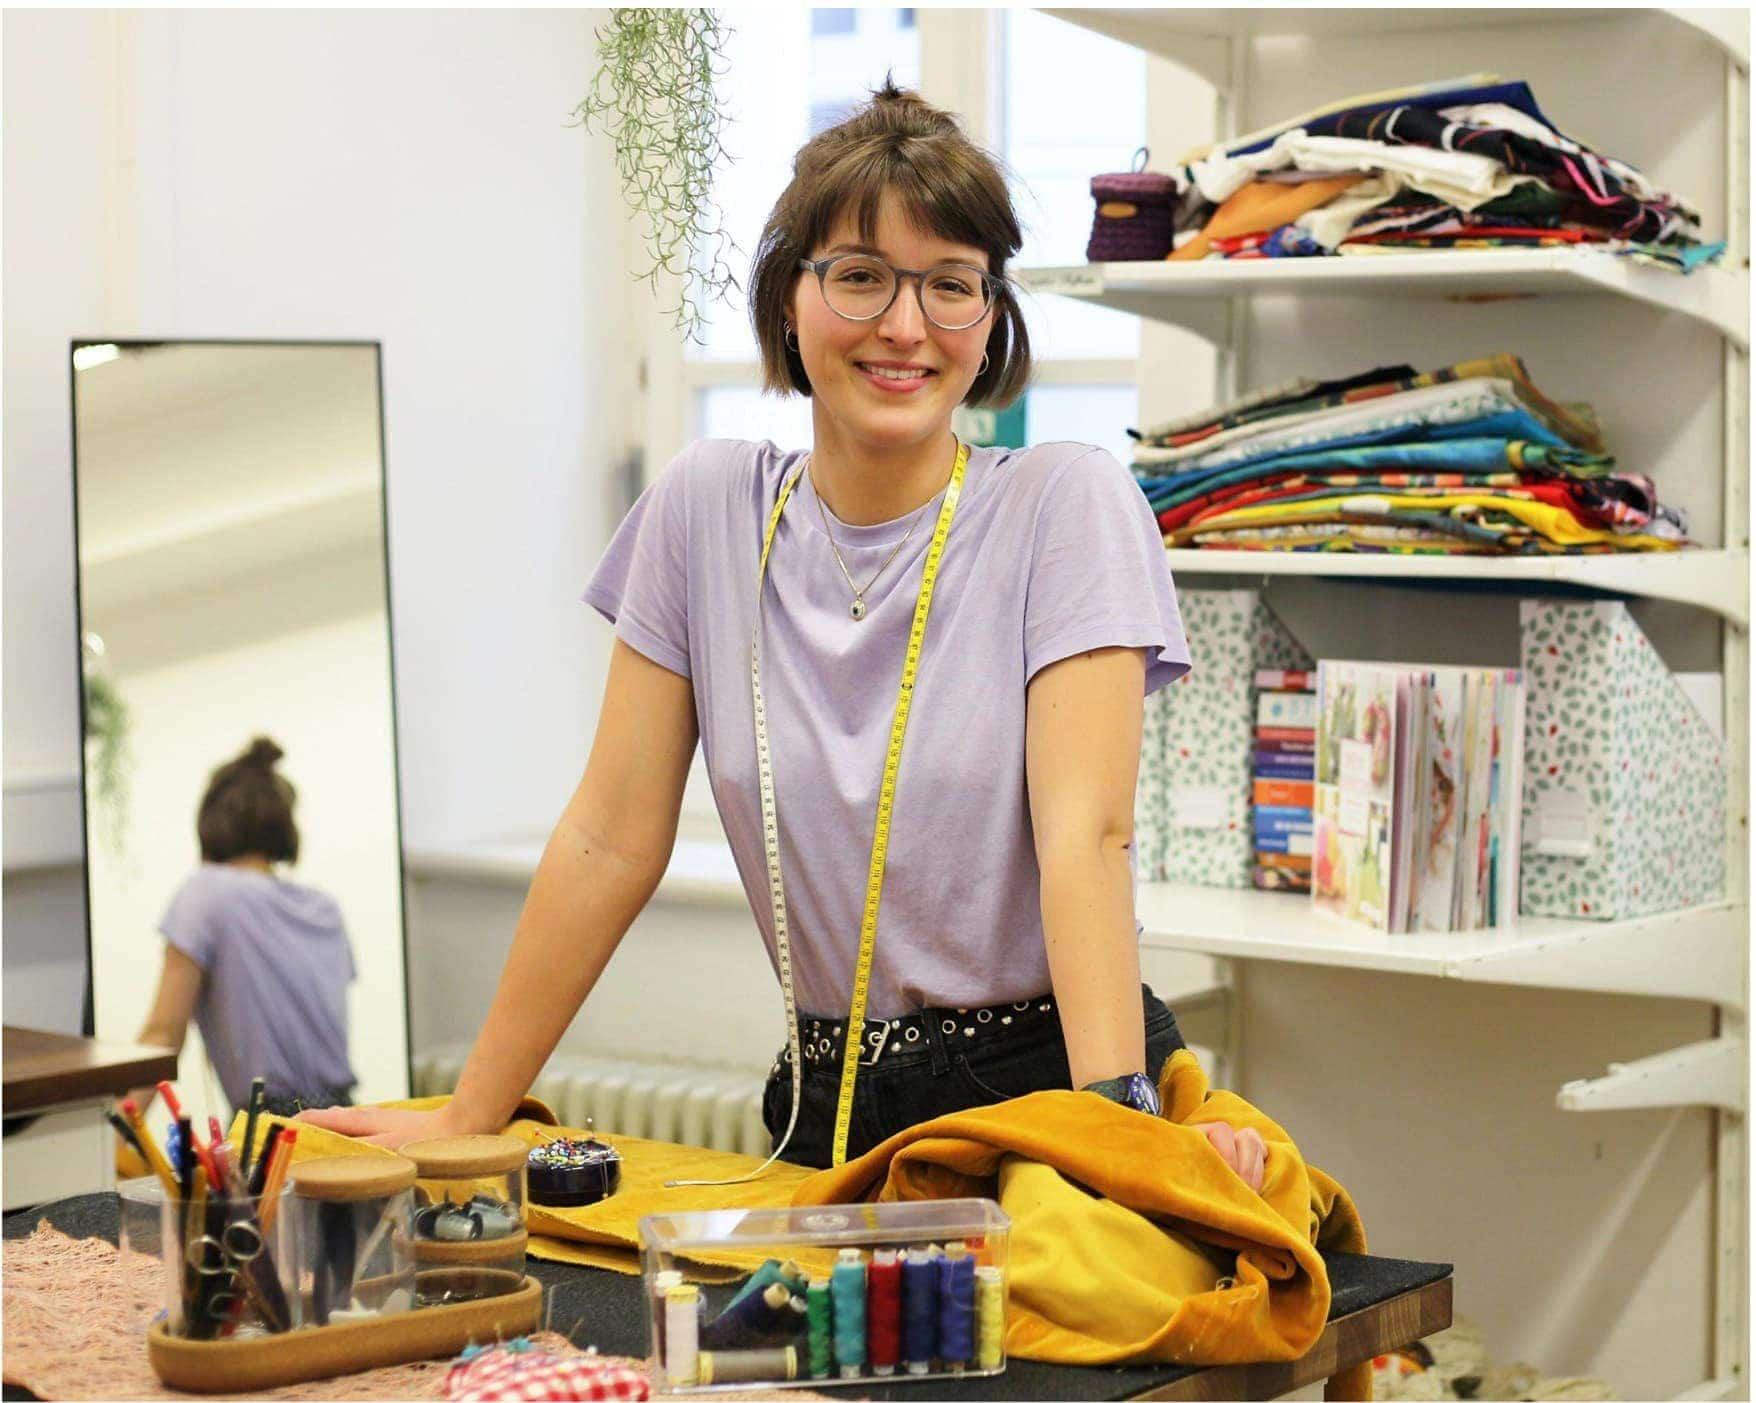 Upcycling made in Regensburg Junge Bloggerin sorgt für mehr Nachhaltigkeit